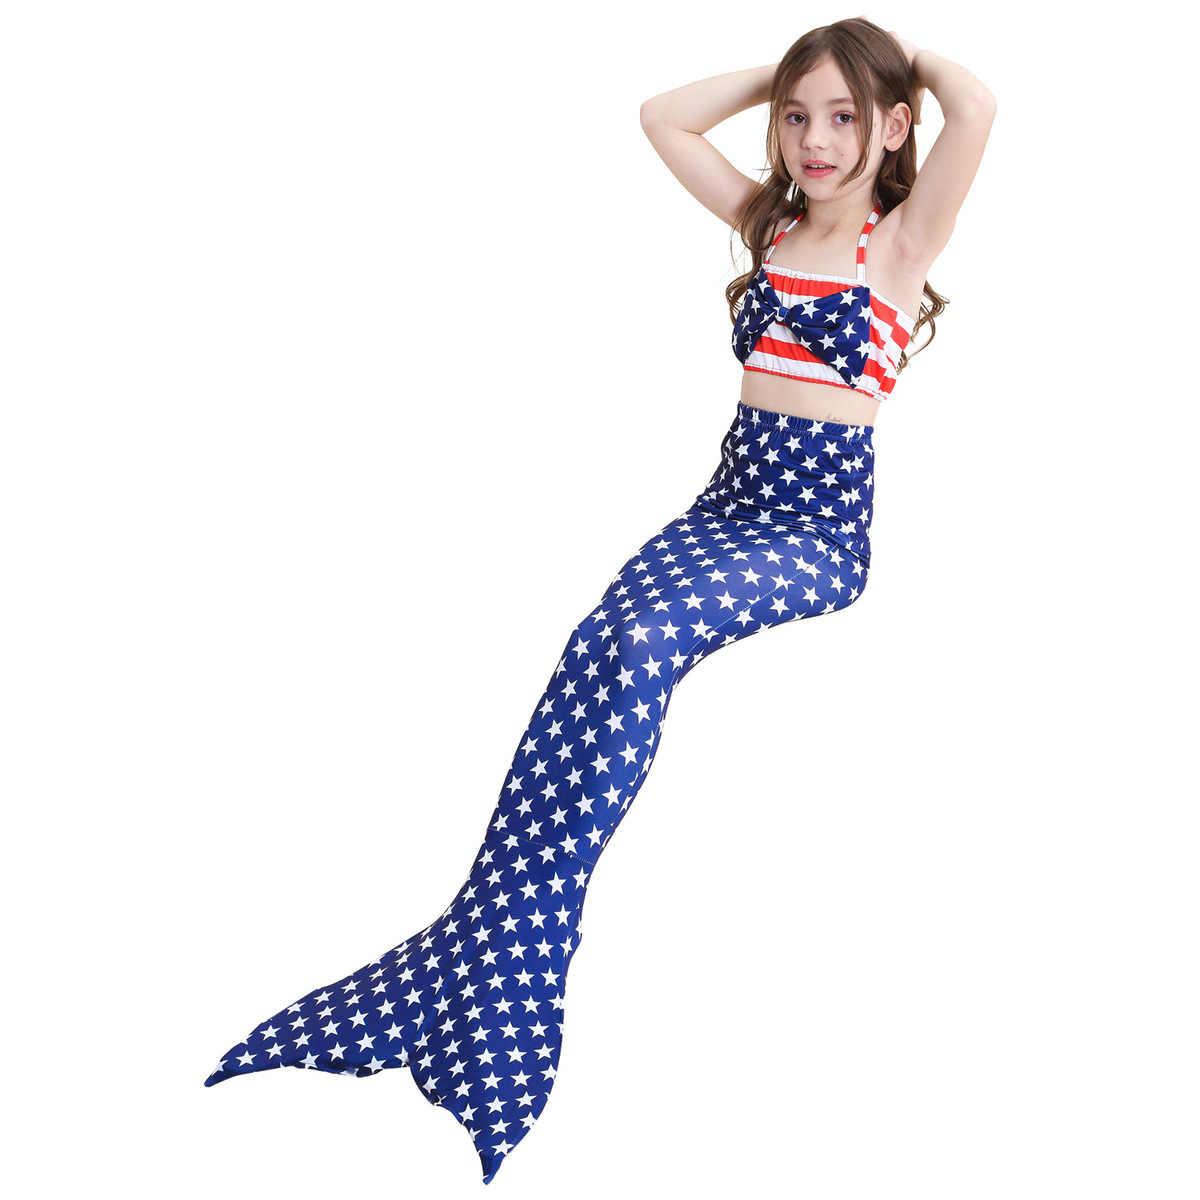 Комплект из 3 предметов; одежда для плавания с хвостом русалки для девочек; купальный костюм; костюм для костюмированной вечеринки; купальник-бикини; одежда для детей; нарядная одежда